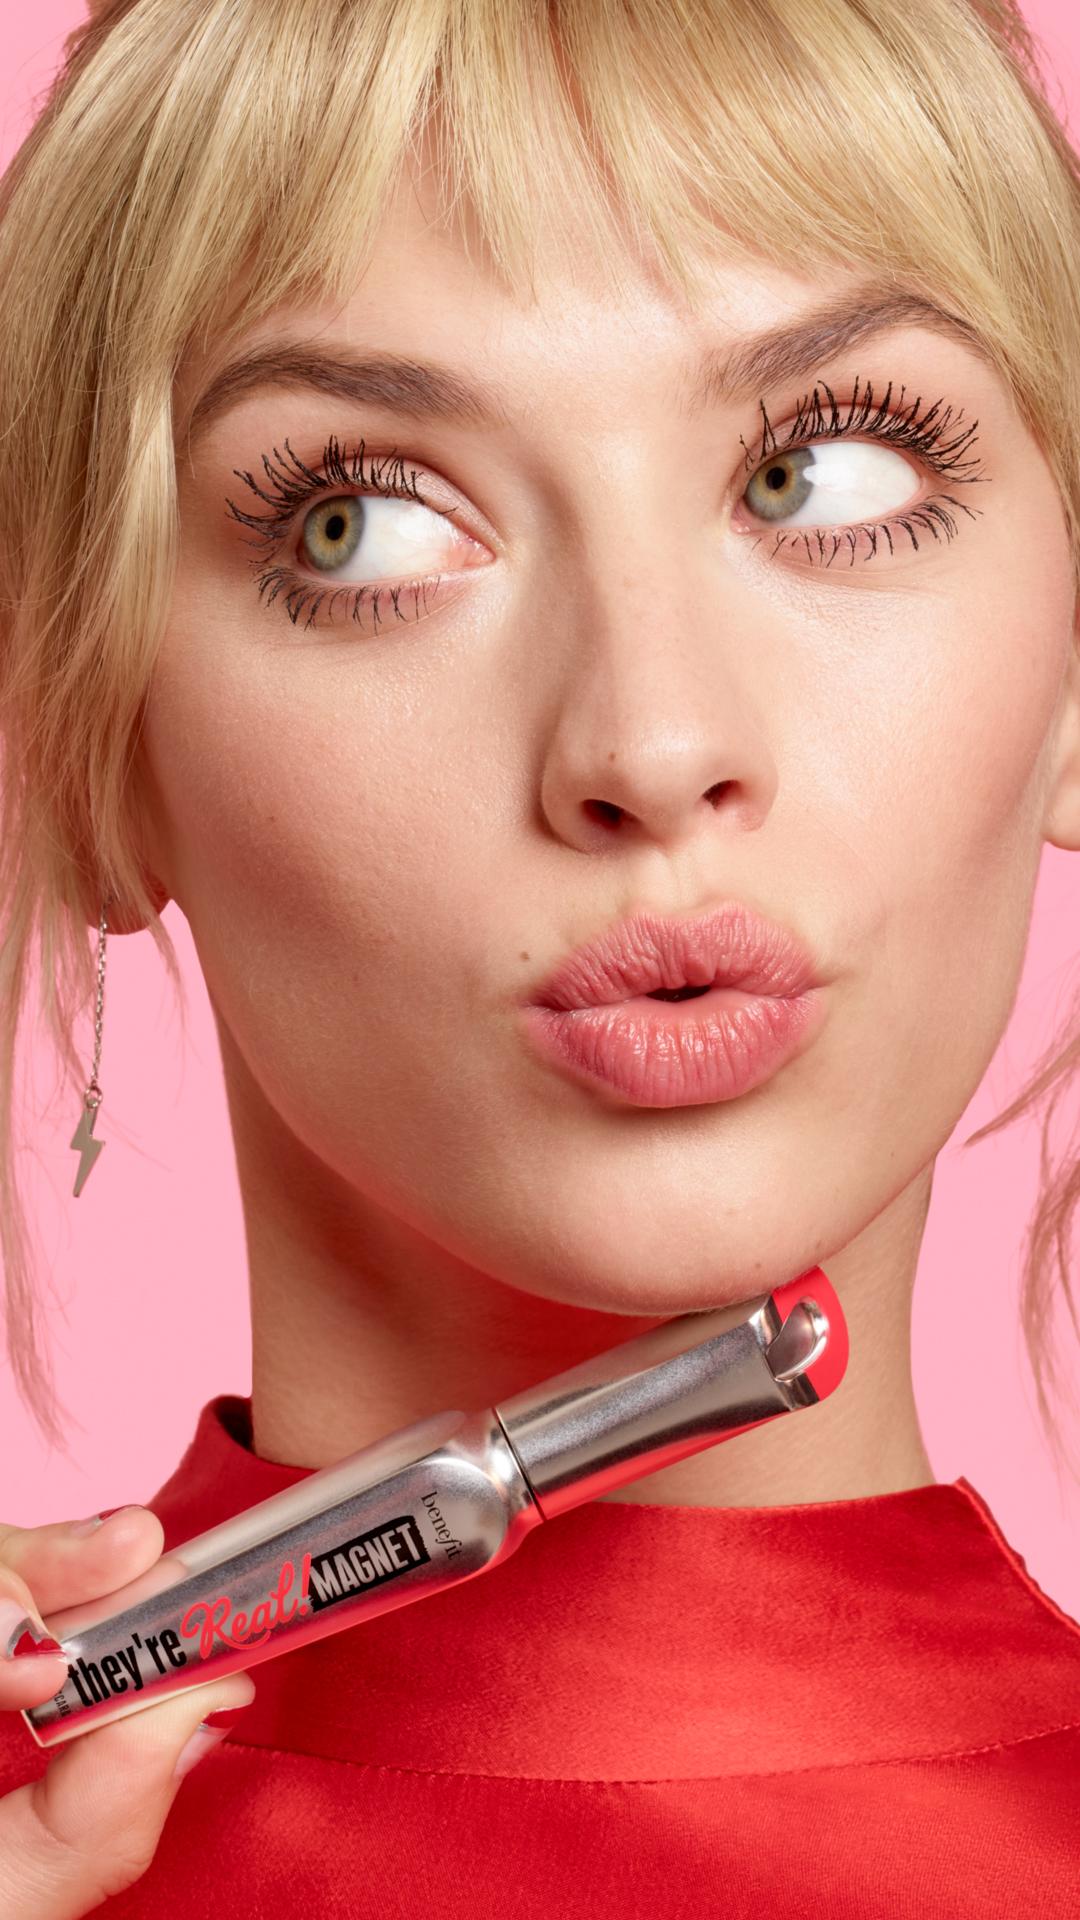 ¡Volumen, resistencia y poder magnético! Conoce They're Real! Magnet de Benefit Cosmetics